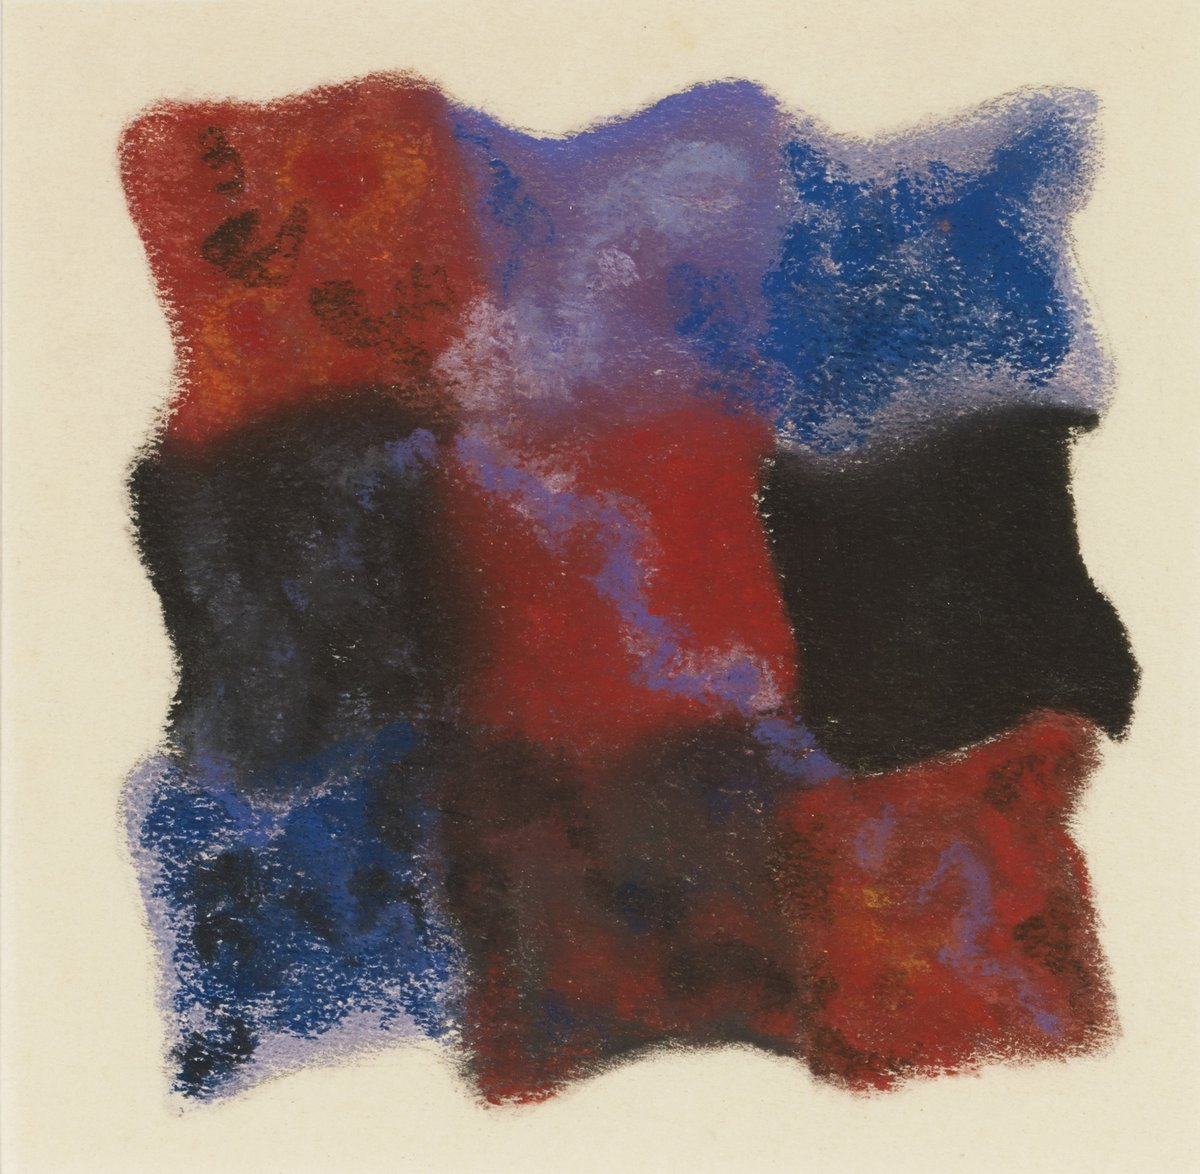 Джакометти Аугусто, картина Абстракция в красном, голубом и фиолетовомДжакометти Аугусто<br>Репродукция на холсте или бумаге. Любого нужного вам размера. В раме или без. Подвес в комплекте. Трехслойная надежная упаковка. Доставим в любую точку России. Вам осталось только повесить картину на стену!<br>